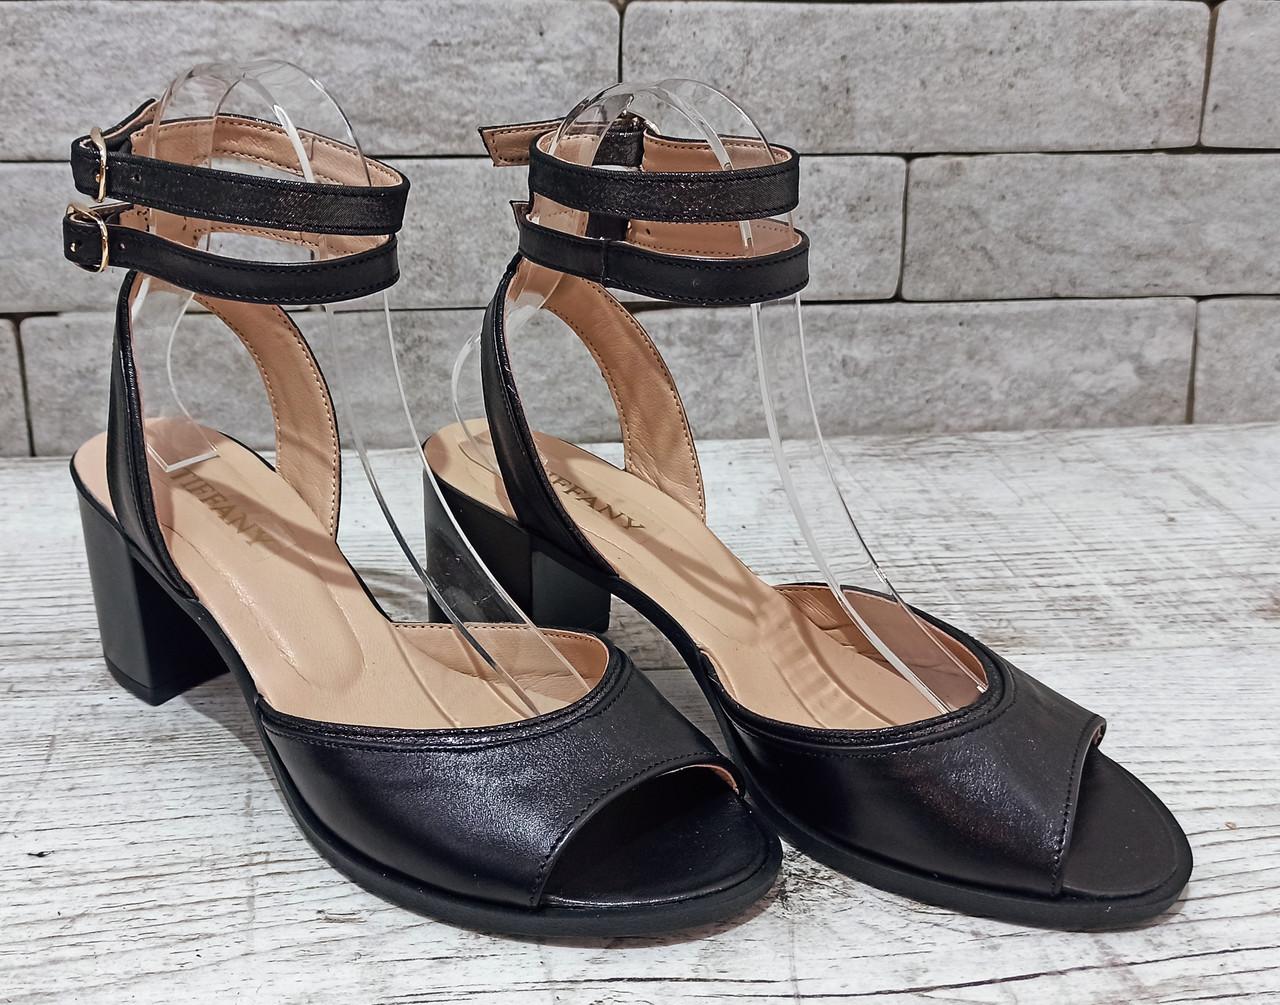 Жіночі шкіряні босоніжки, сандалі TIFFANY на танкетці платформі оптомс блискучою підошвою